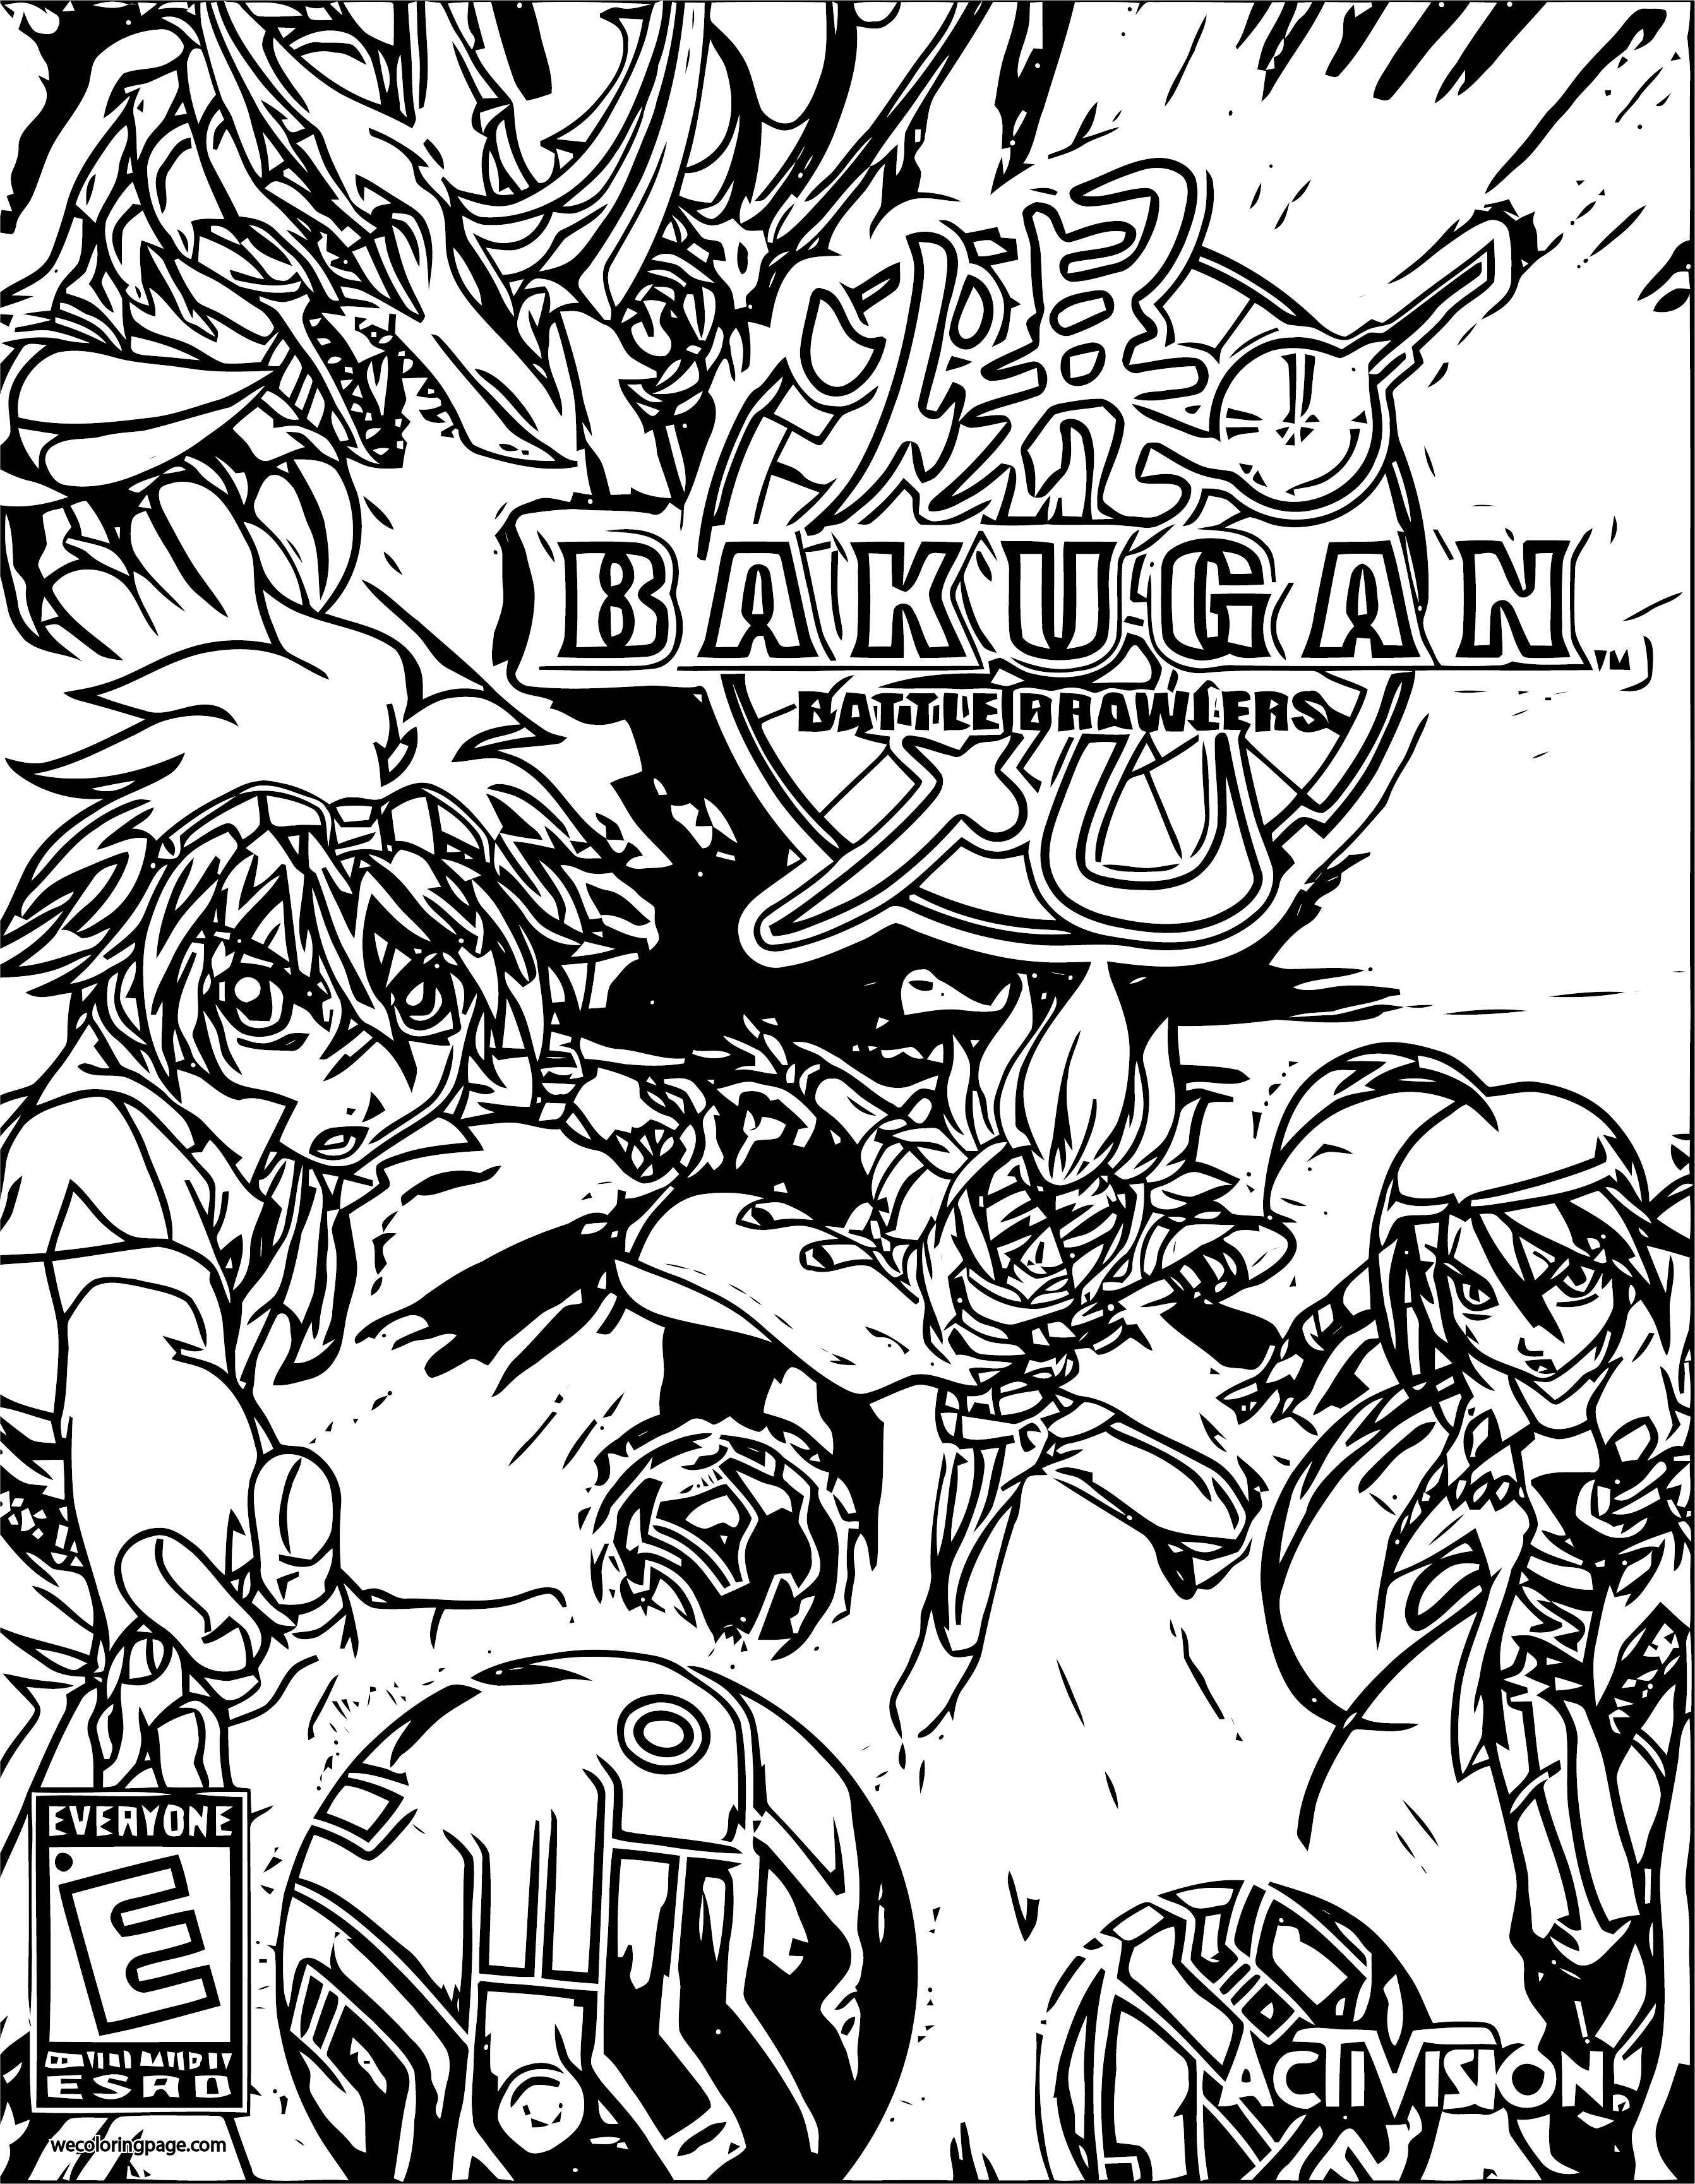 Bakugan Ps3 Coloring Page